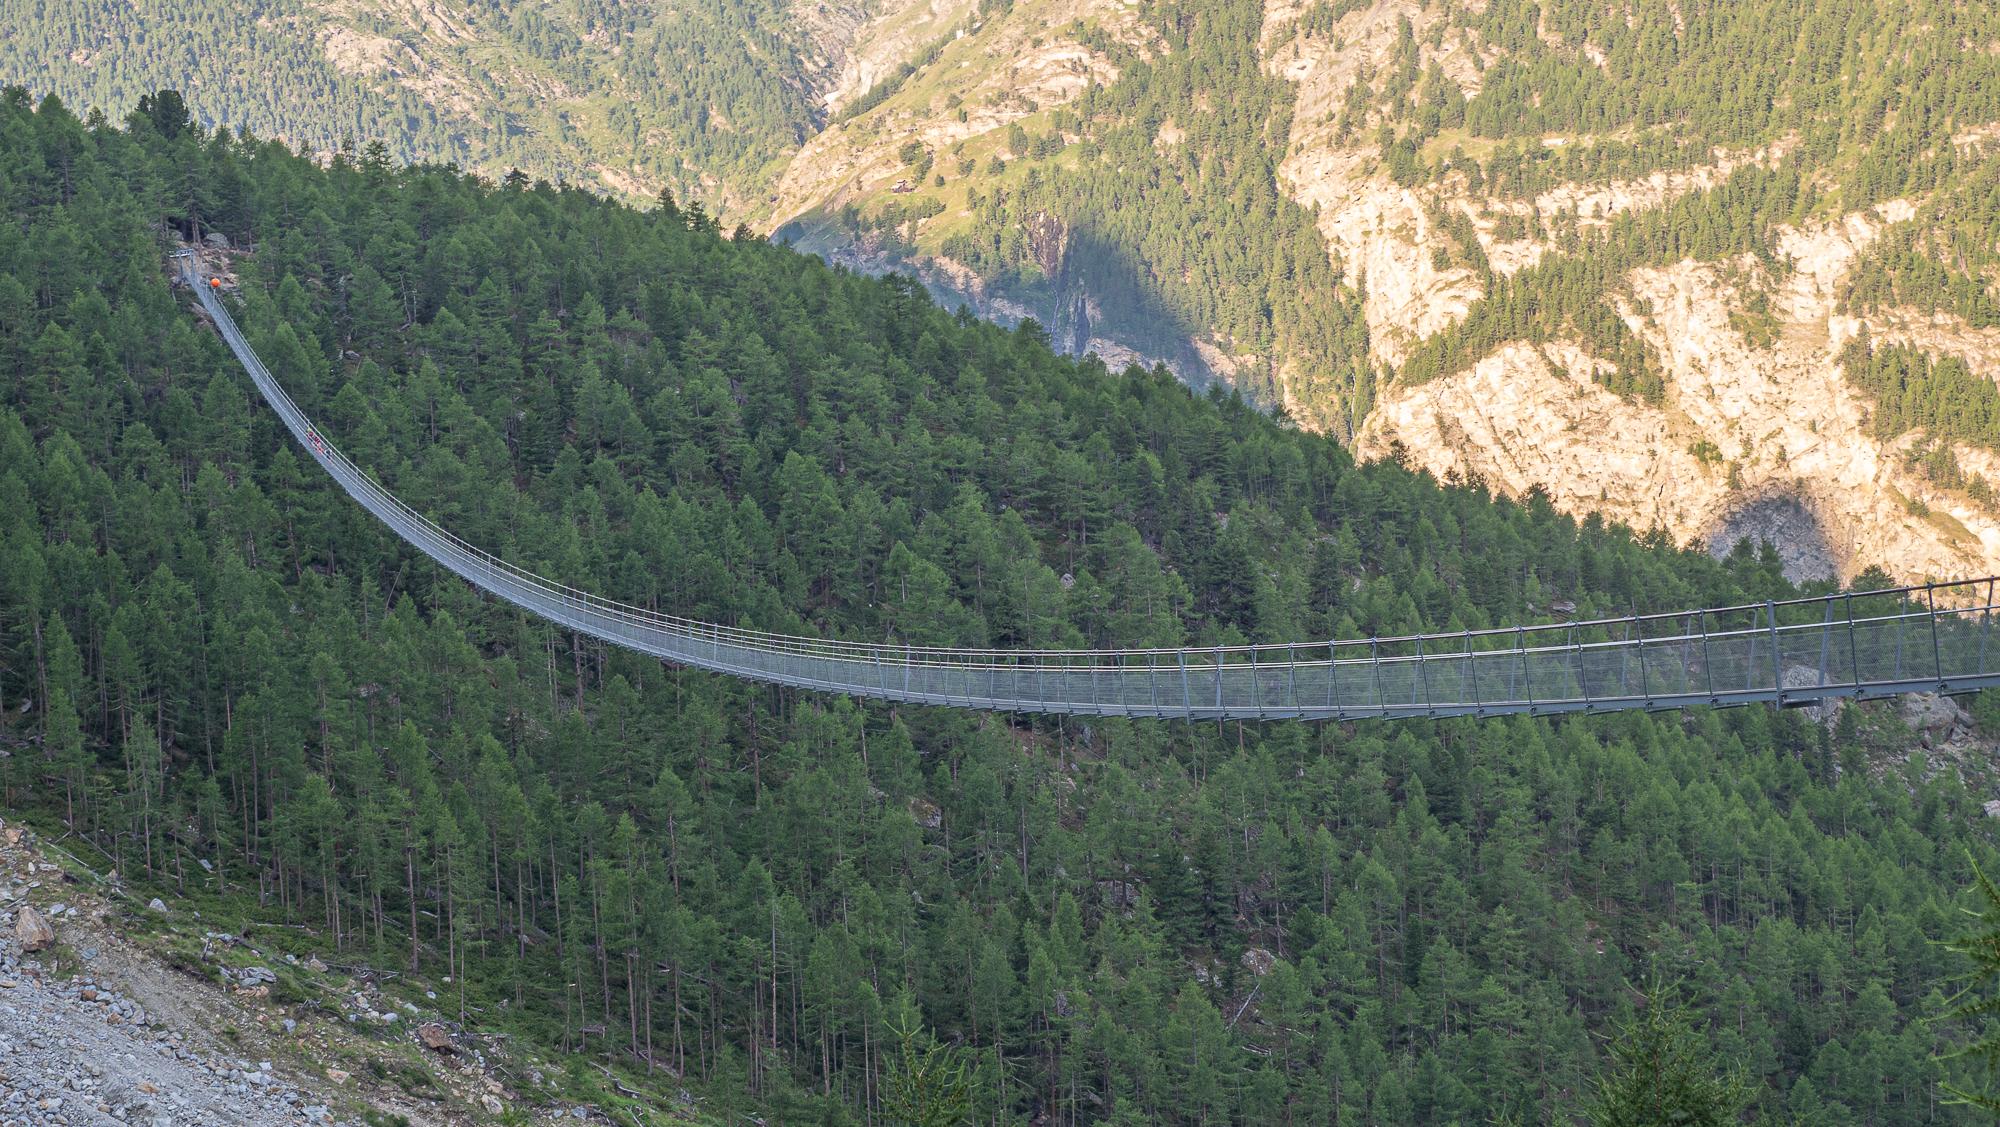 The Charles Kuonen Suspended Bridge, Switzerland